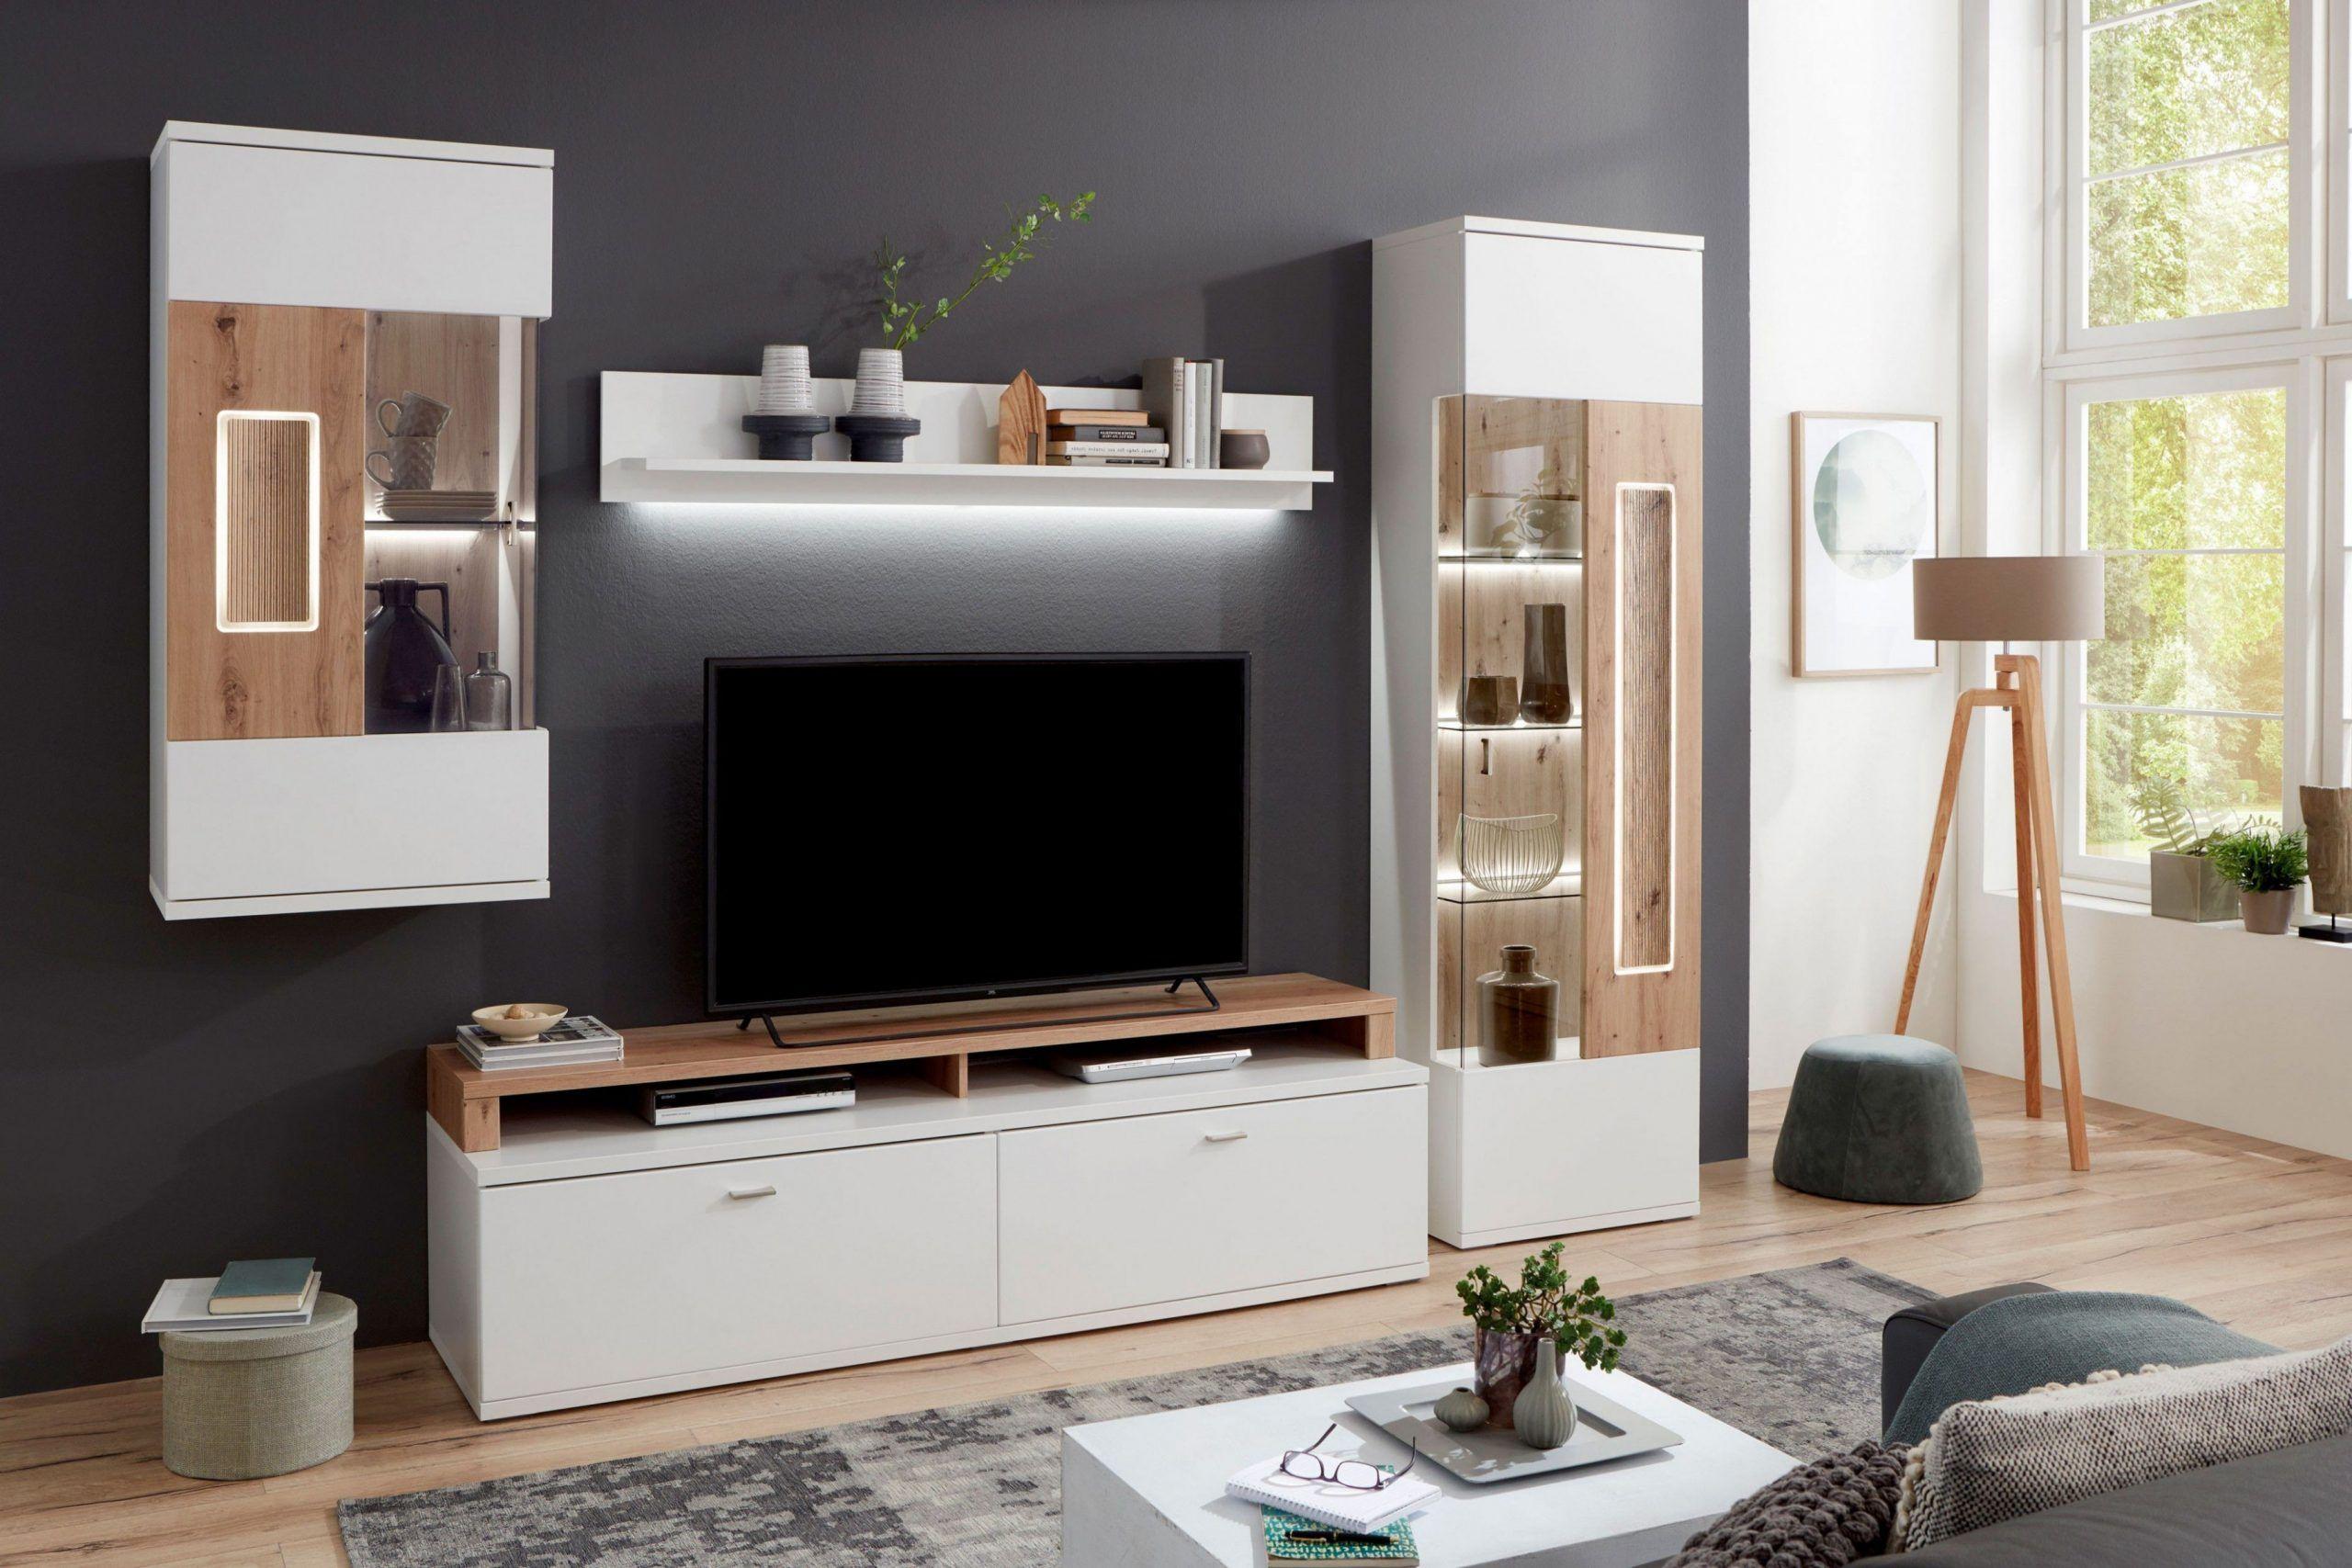 10 Wohnzimmermöbel Zurbrüggen in 10  Wohnzimmer design